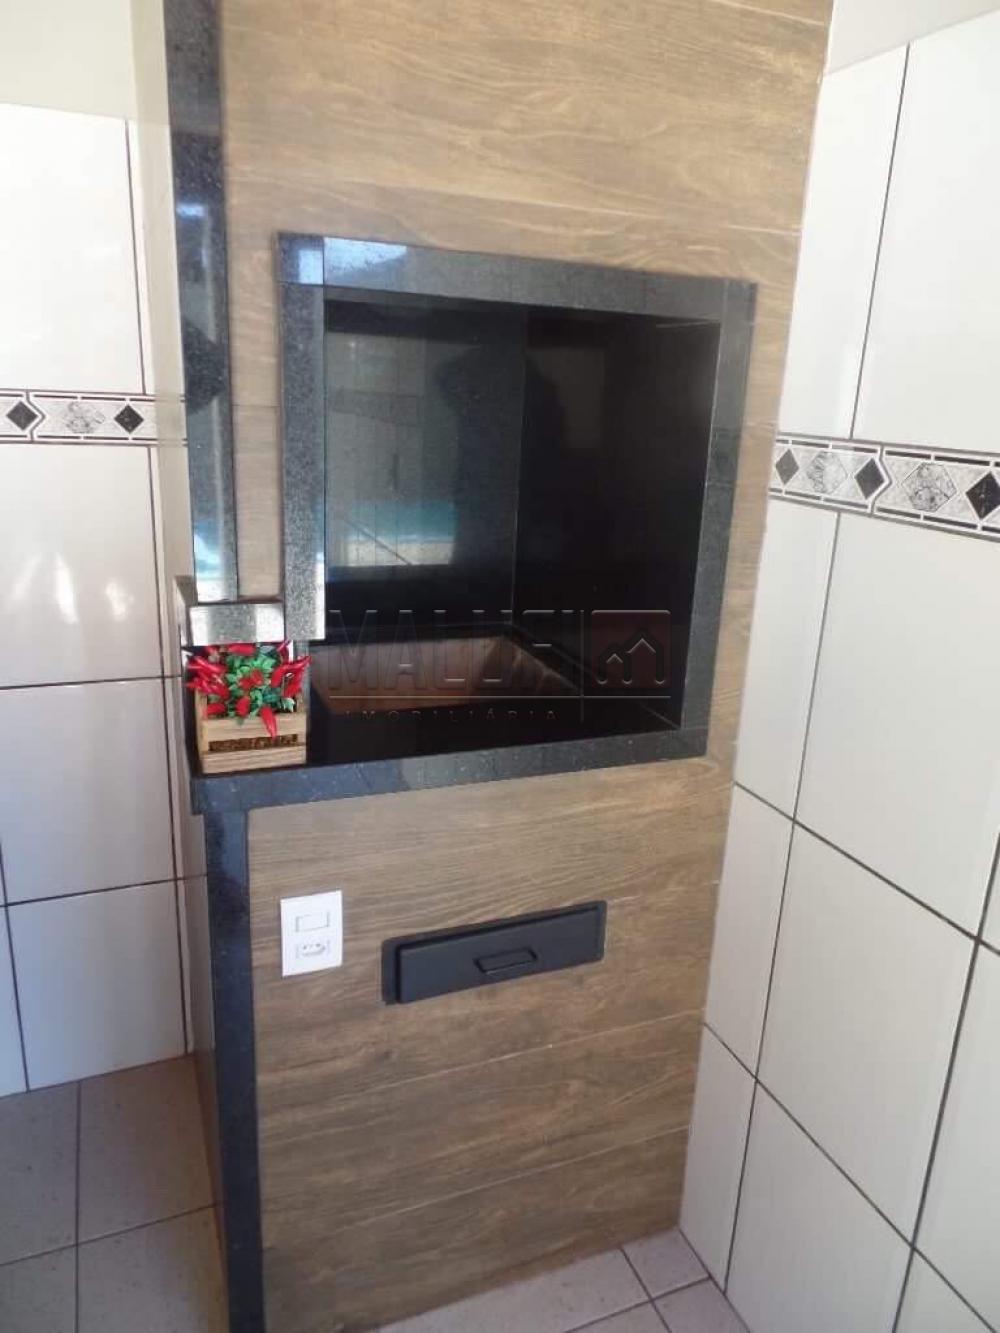 Alugar Casas / Padrão em Olímpia apenas R$ 1.700,00 - Foto 13